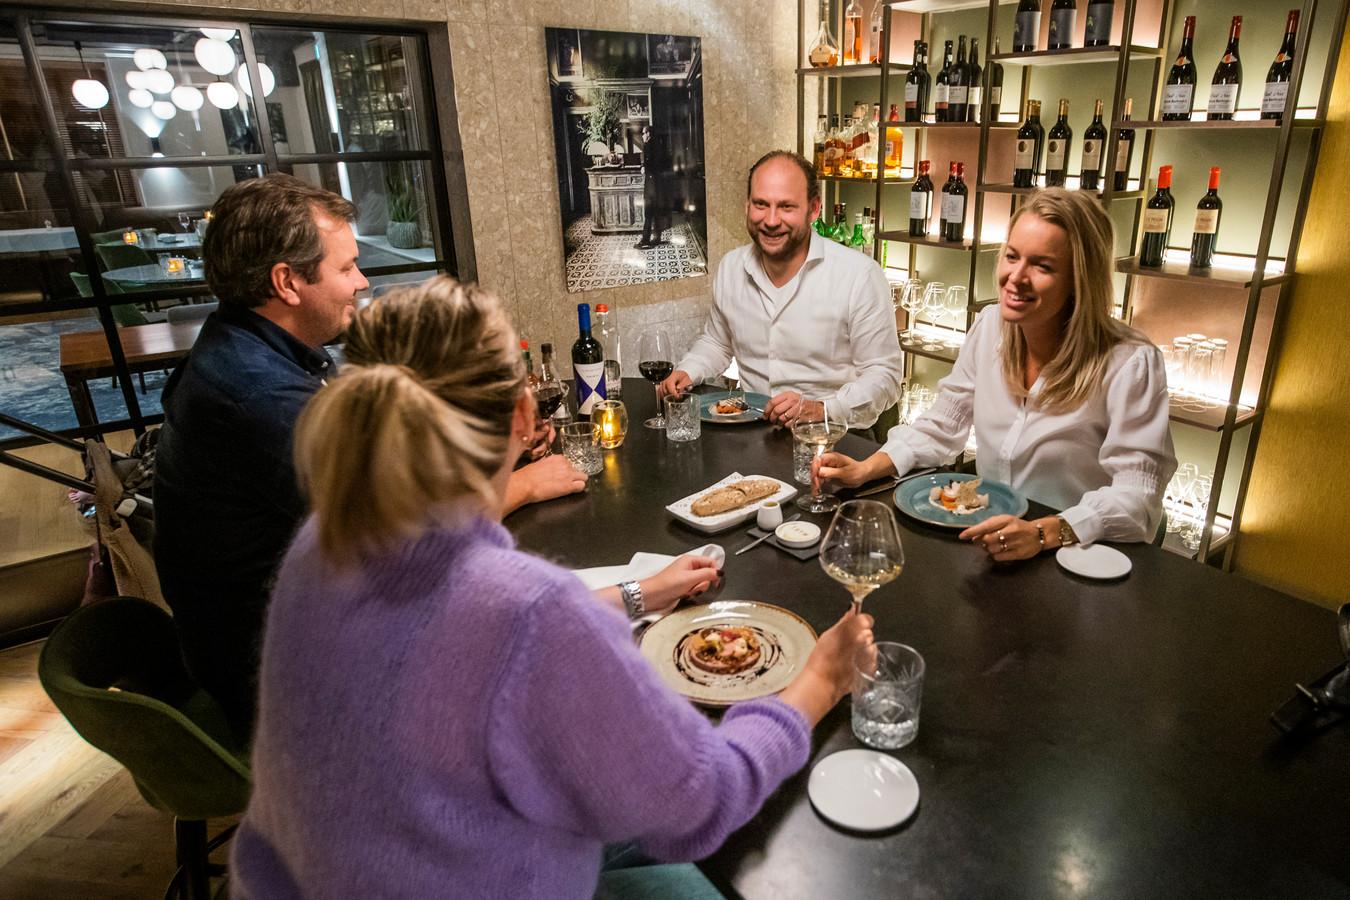 Nicky en Derk van Westenbrugge nemen het er nog maar een keertje van: een diner in hun eigen, vol-gereserveerde restaurant Thym by Parkzicht. Donderdagavond maakte het restaurant de voorraden zoveel mogelijk op tijdens de 'corona-kliekjesavond'.